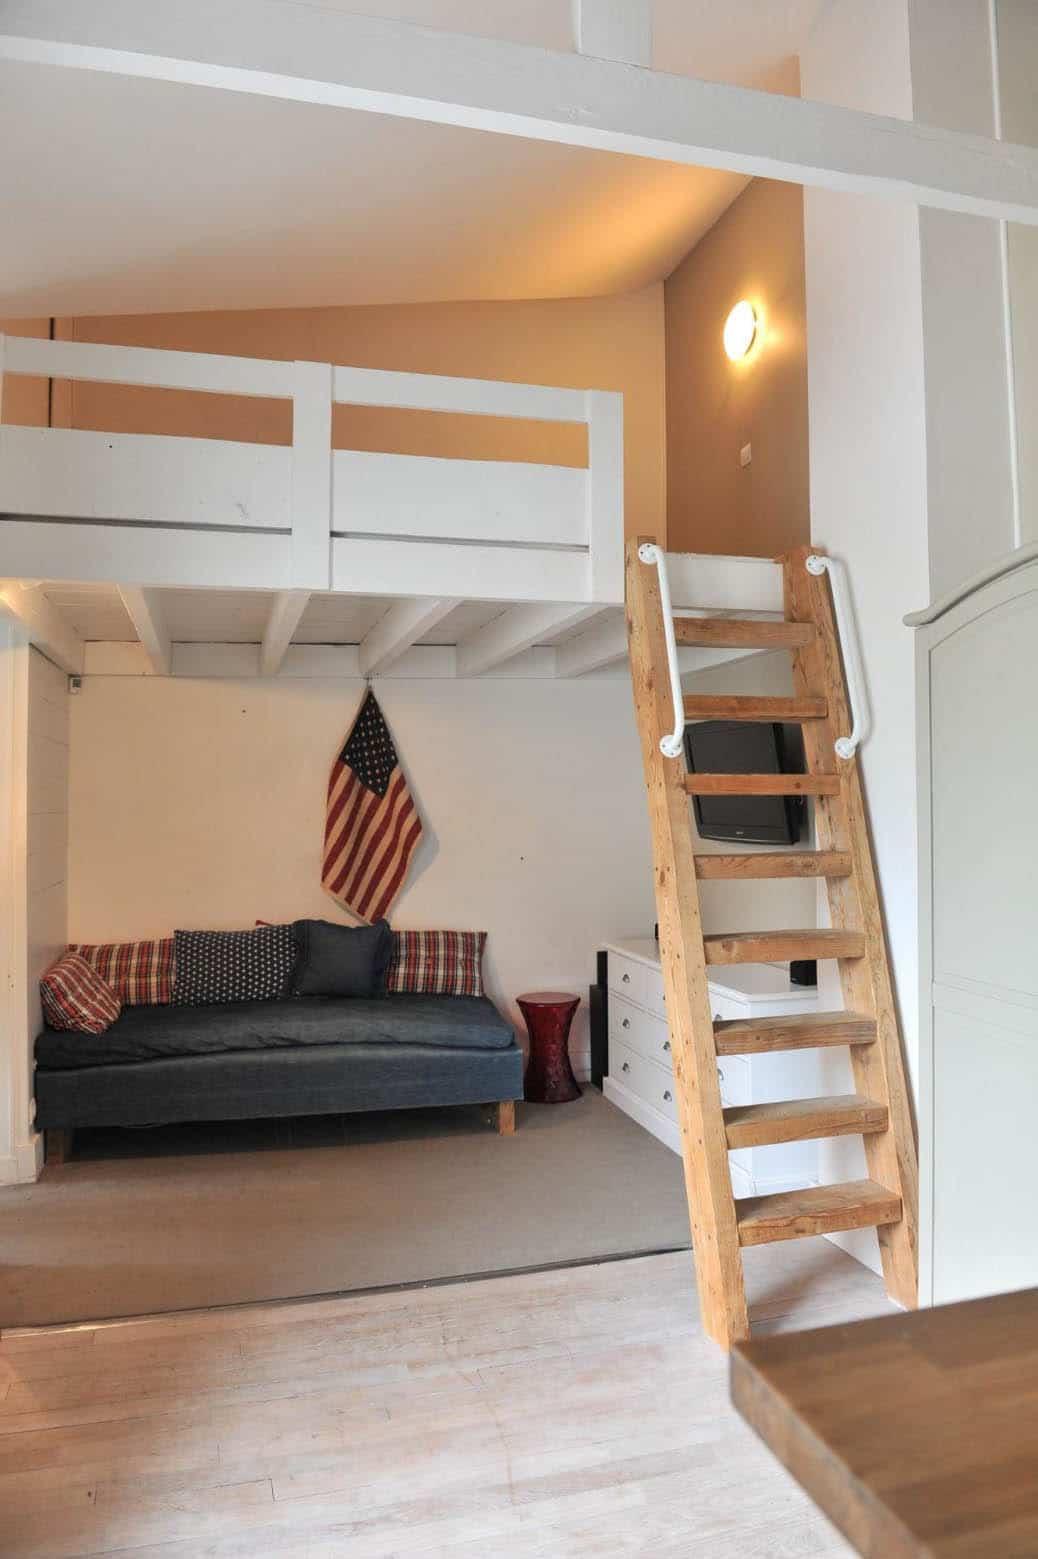 Aménagement Mezzanine Petit Espace 26 mezzanines pour gagner de la place et optimiser l'espace !